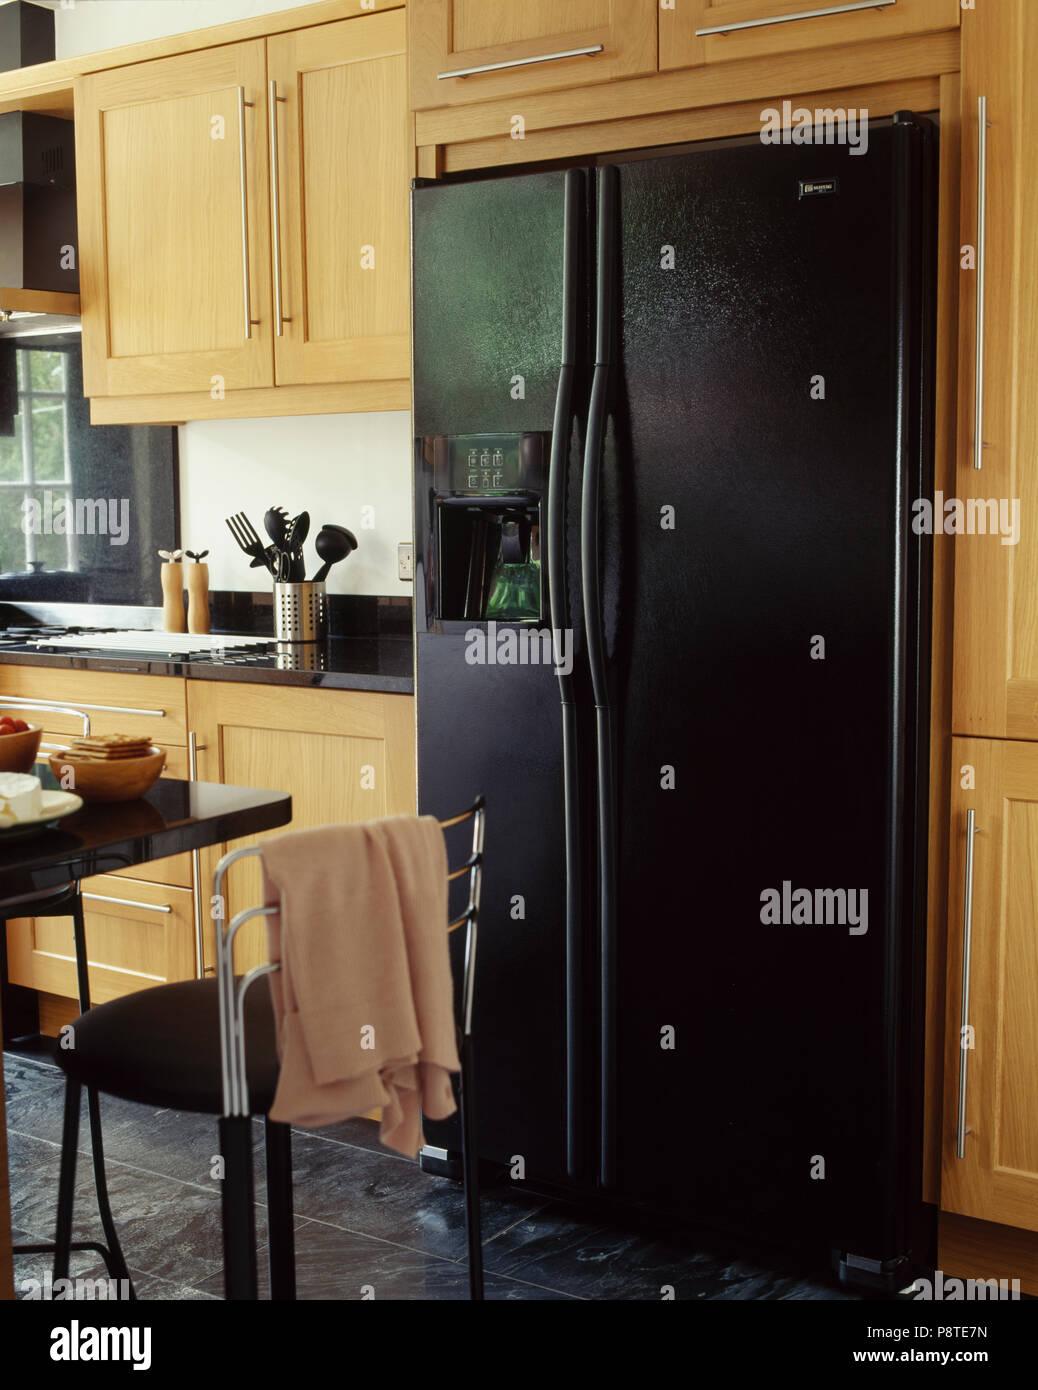 Große schwarze American style Kühlschrank mit Gefrierfach in ...